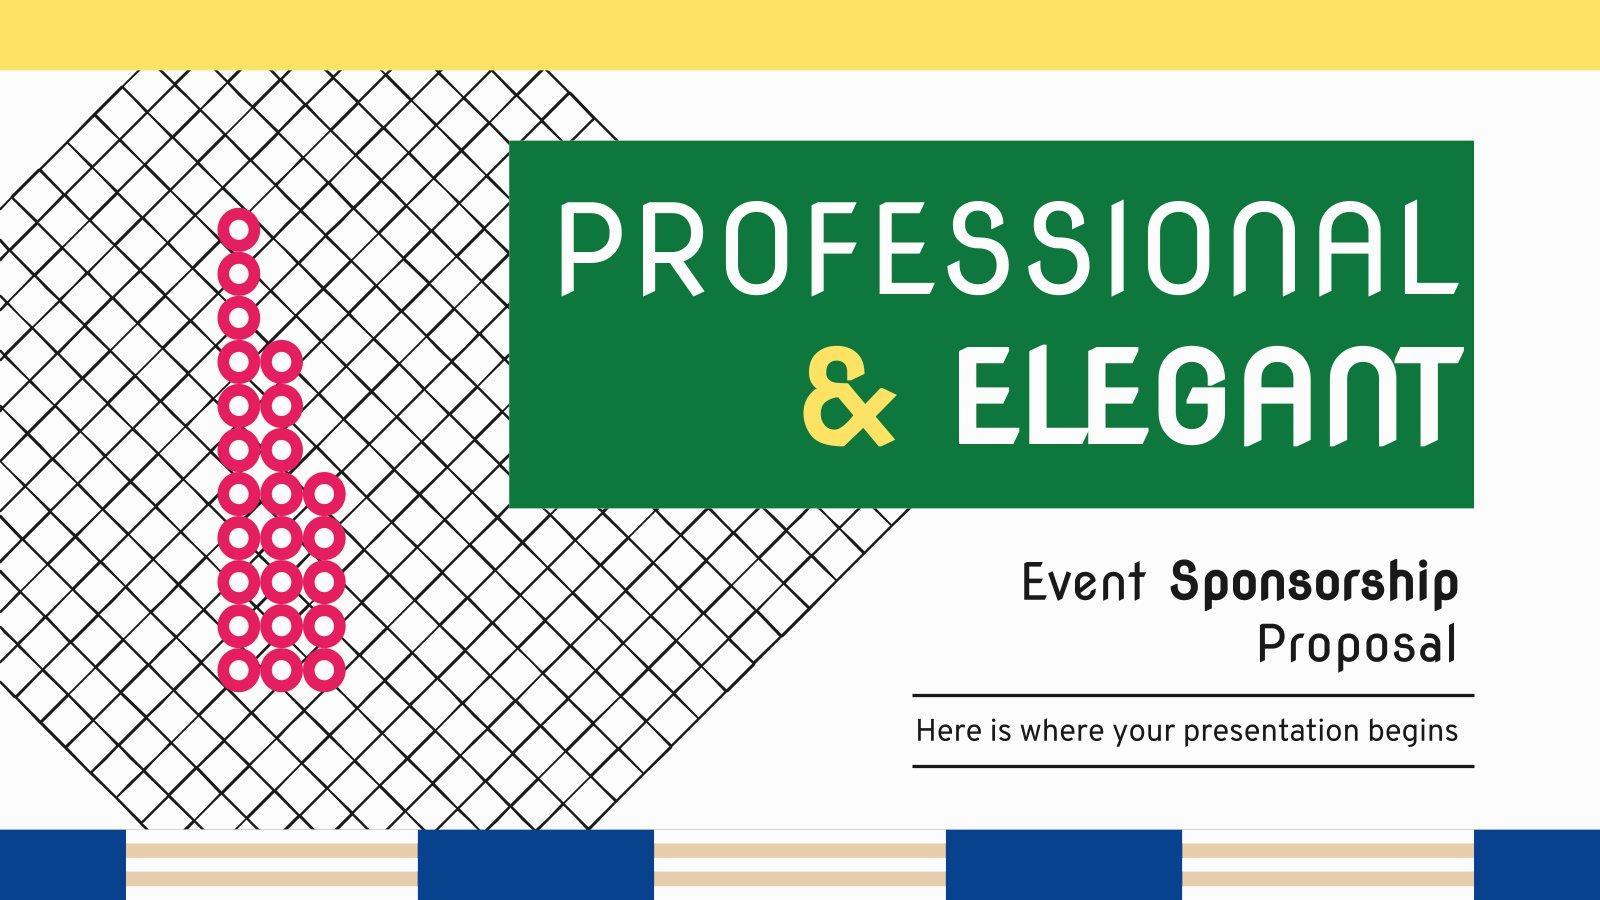 Plantilla de presentación Propuesta profesional y elegante de patrocinio de evento